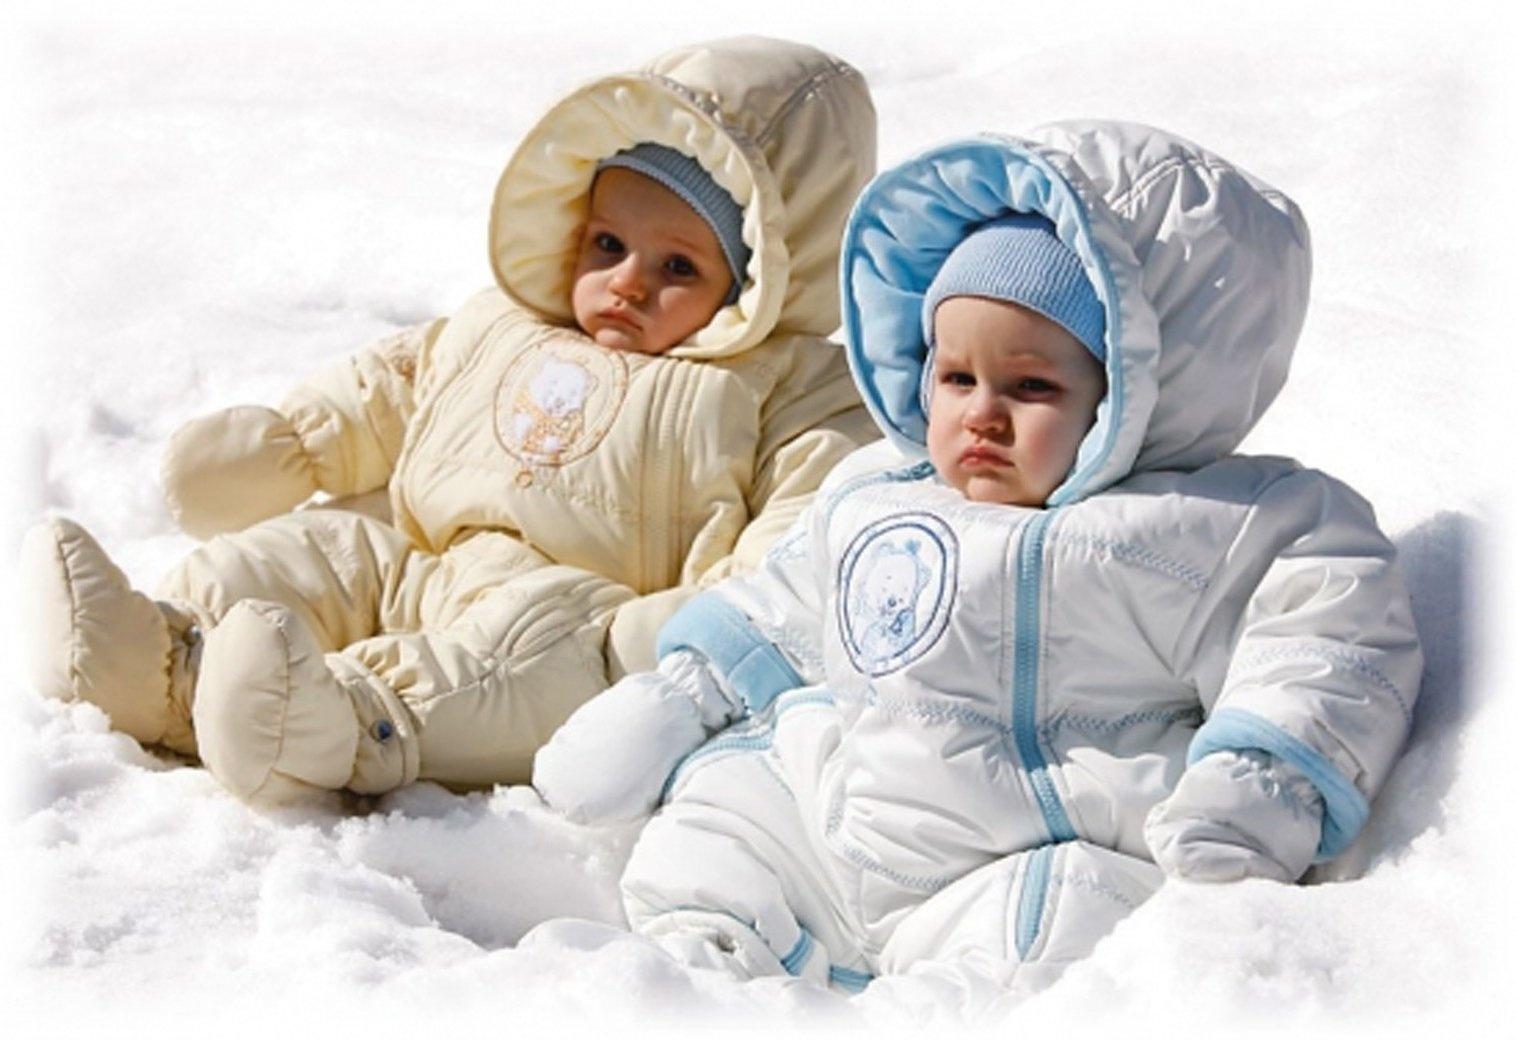 osnovnye-plyusy-zimnih-rodov2